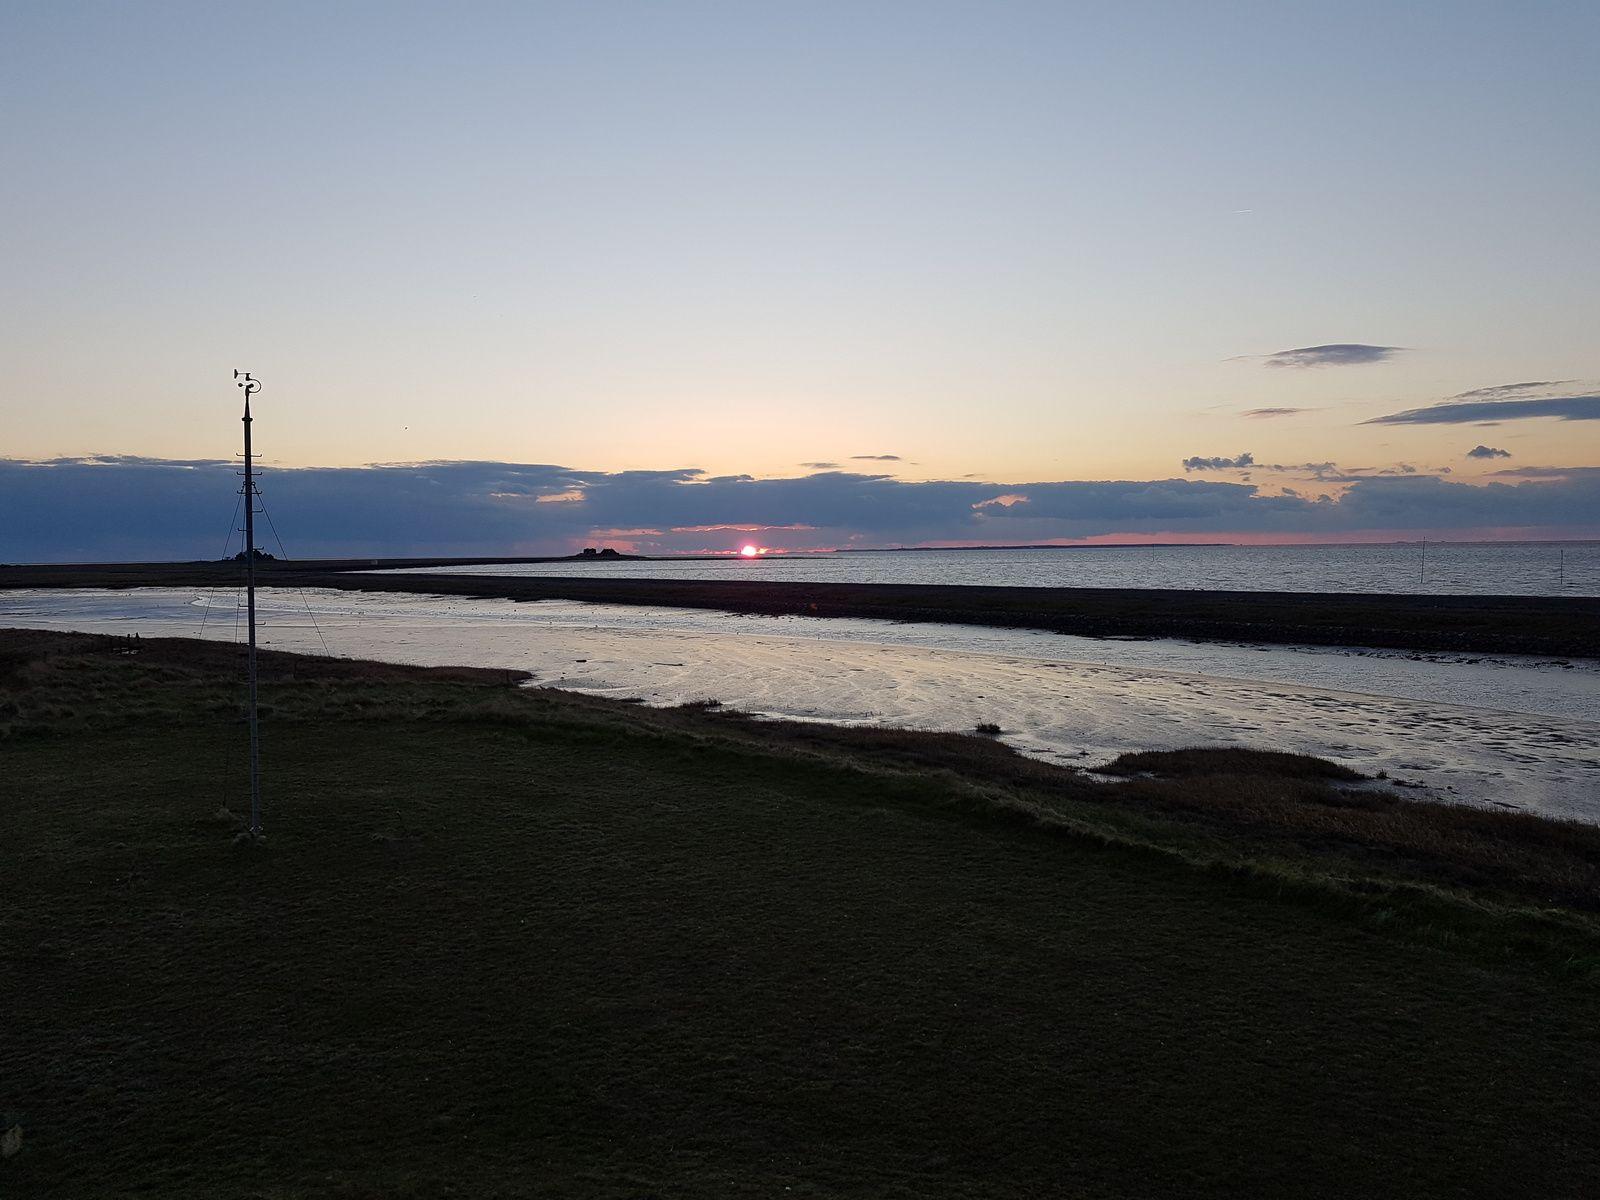 Sonnenuntergang am Wattenmeer